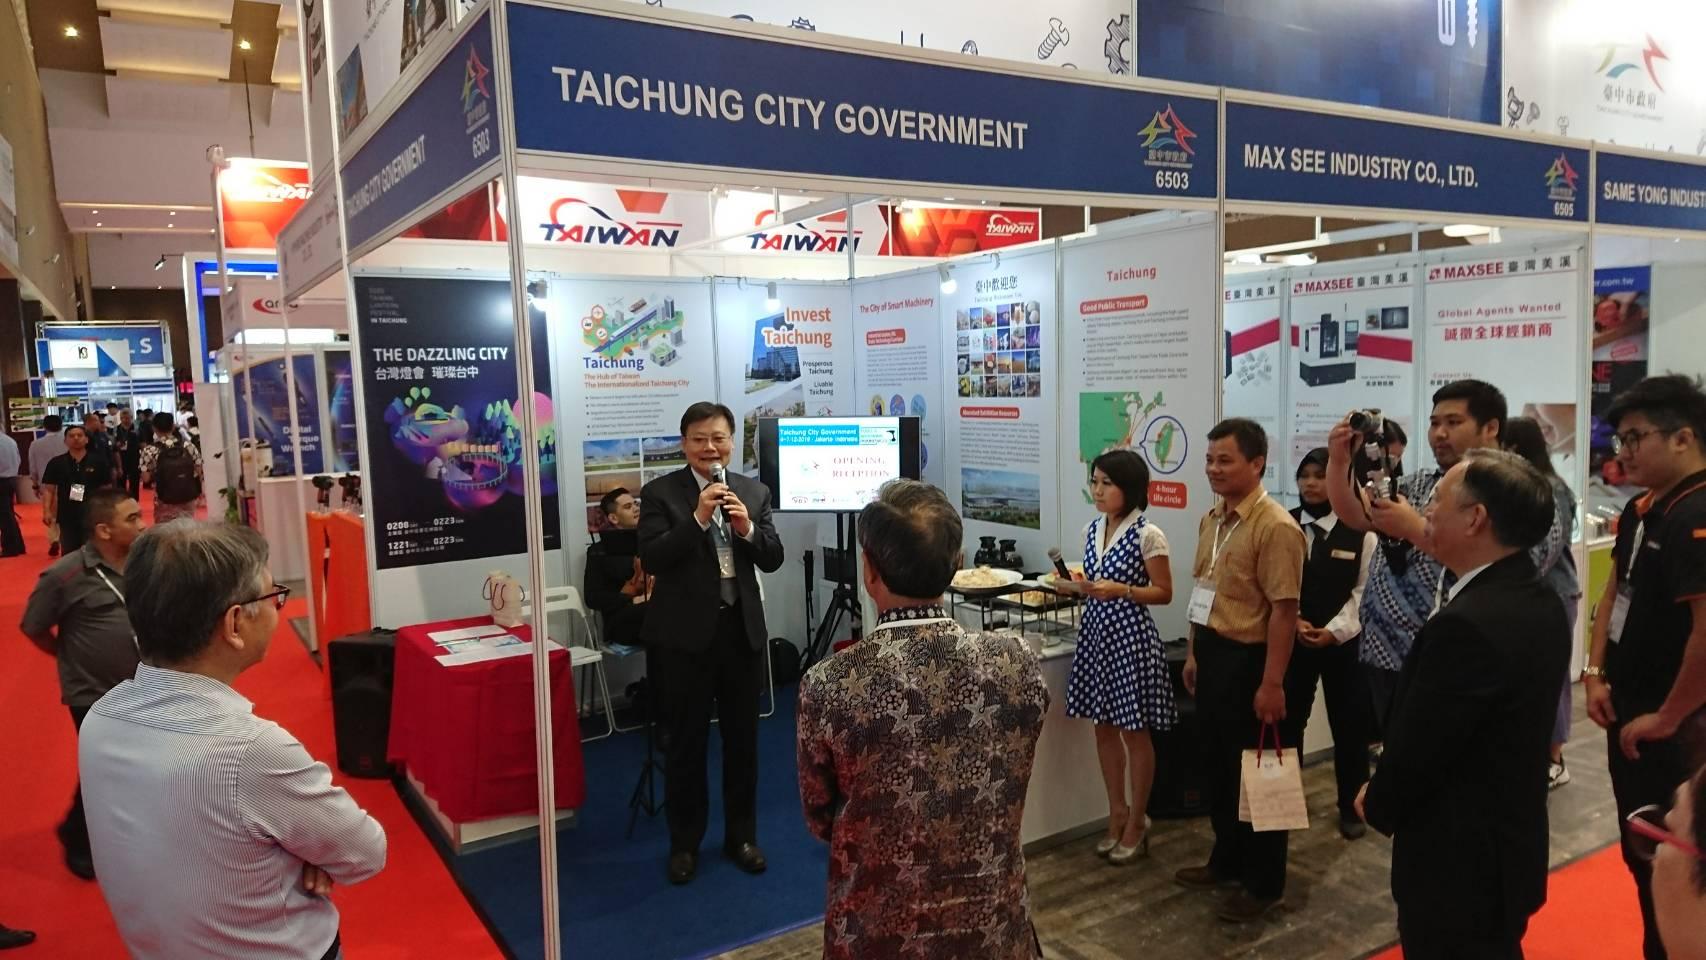 中市府率手工具產業前進印尼 拚國際訂單同迎2020台灣燈會